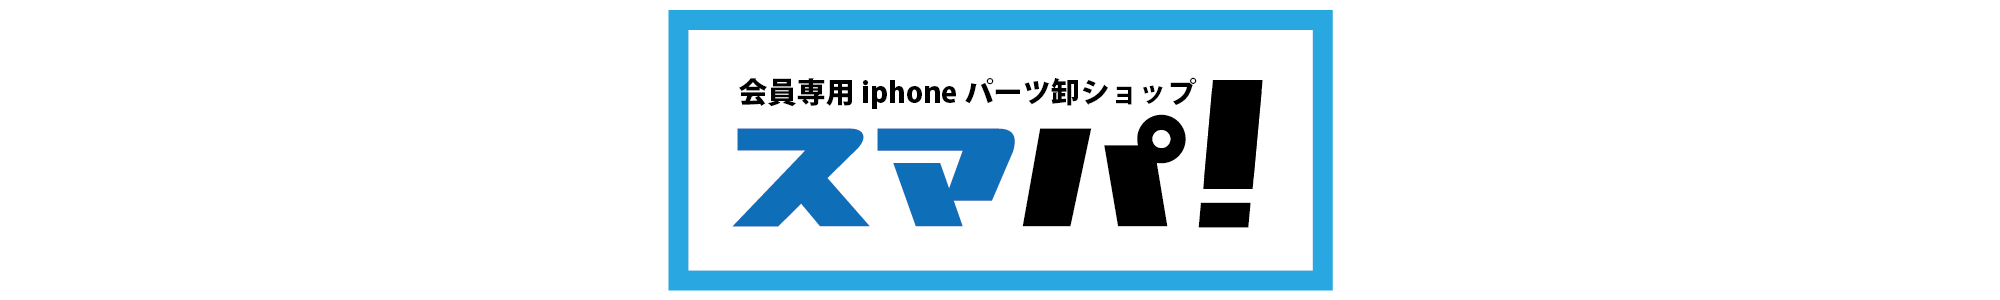 会員専用iphone修理用部品卸店 スマパ!